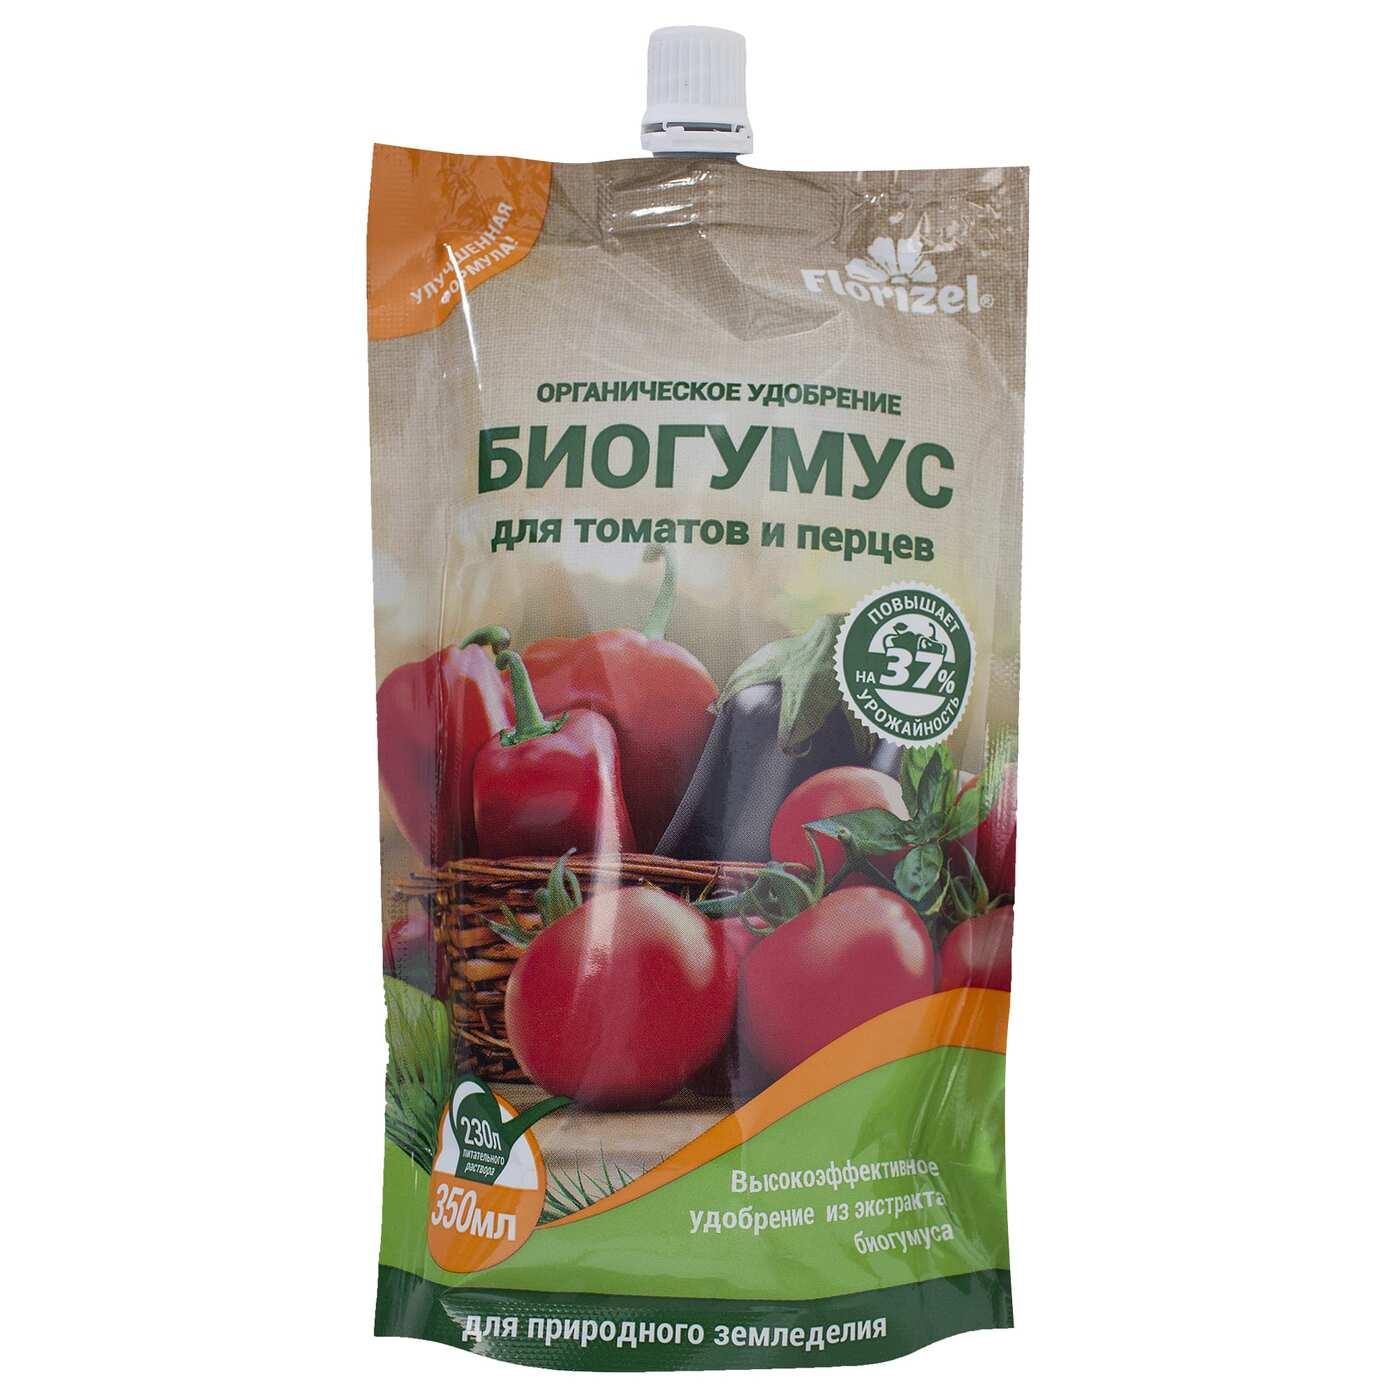 фото биогумус для помидорного растения который